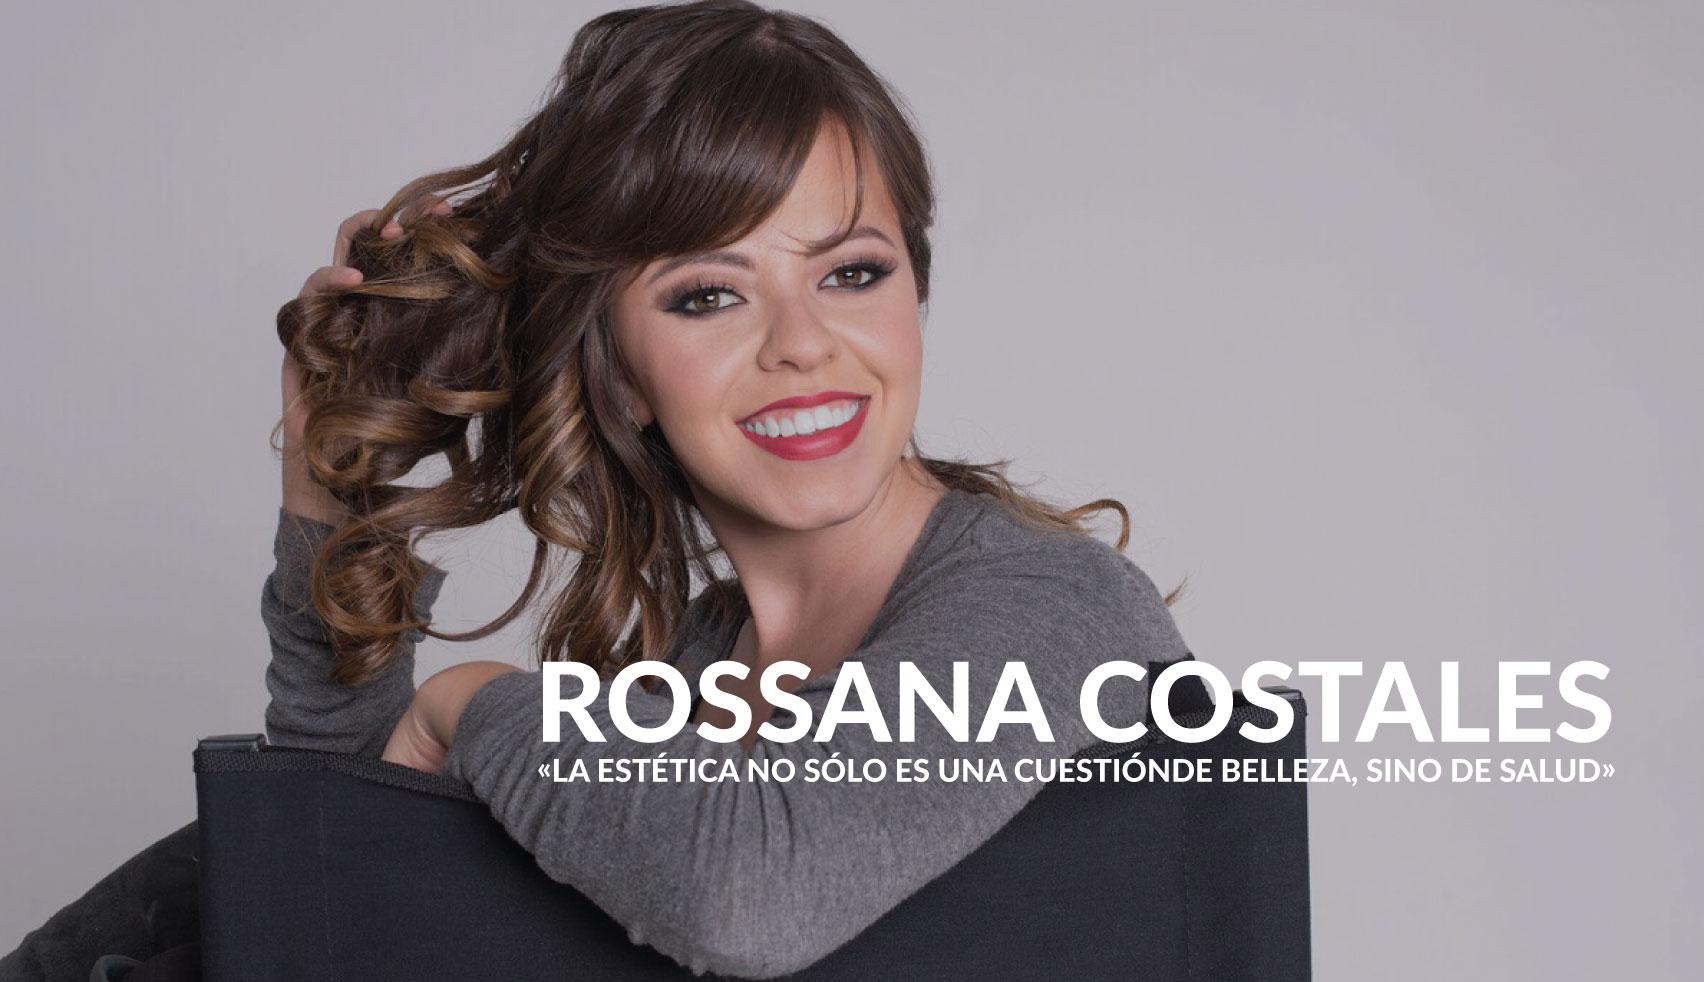 Rossana Costales